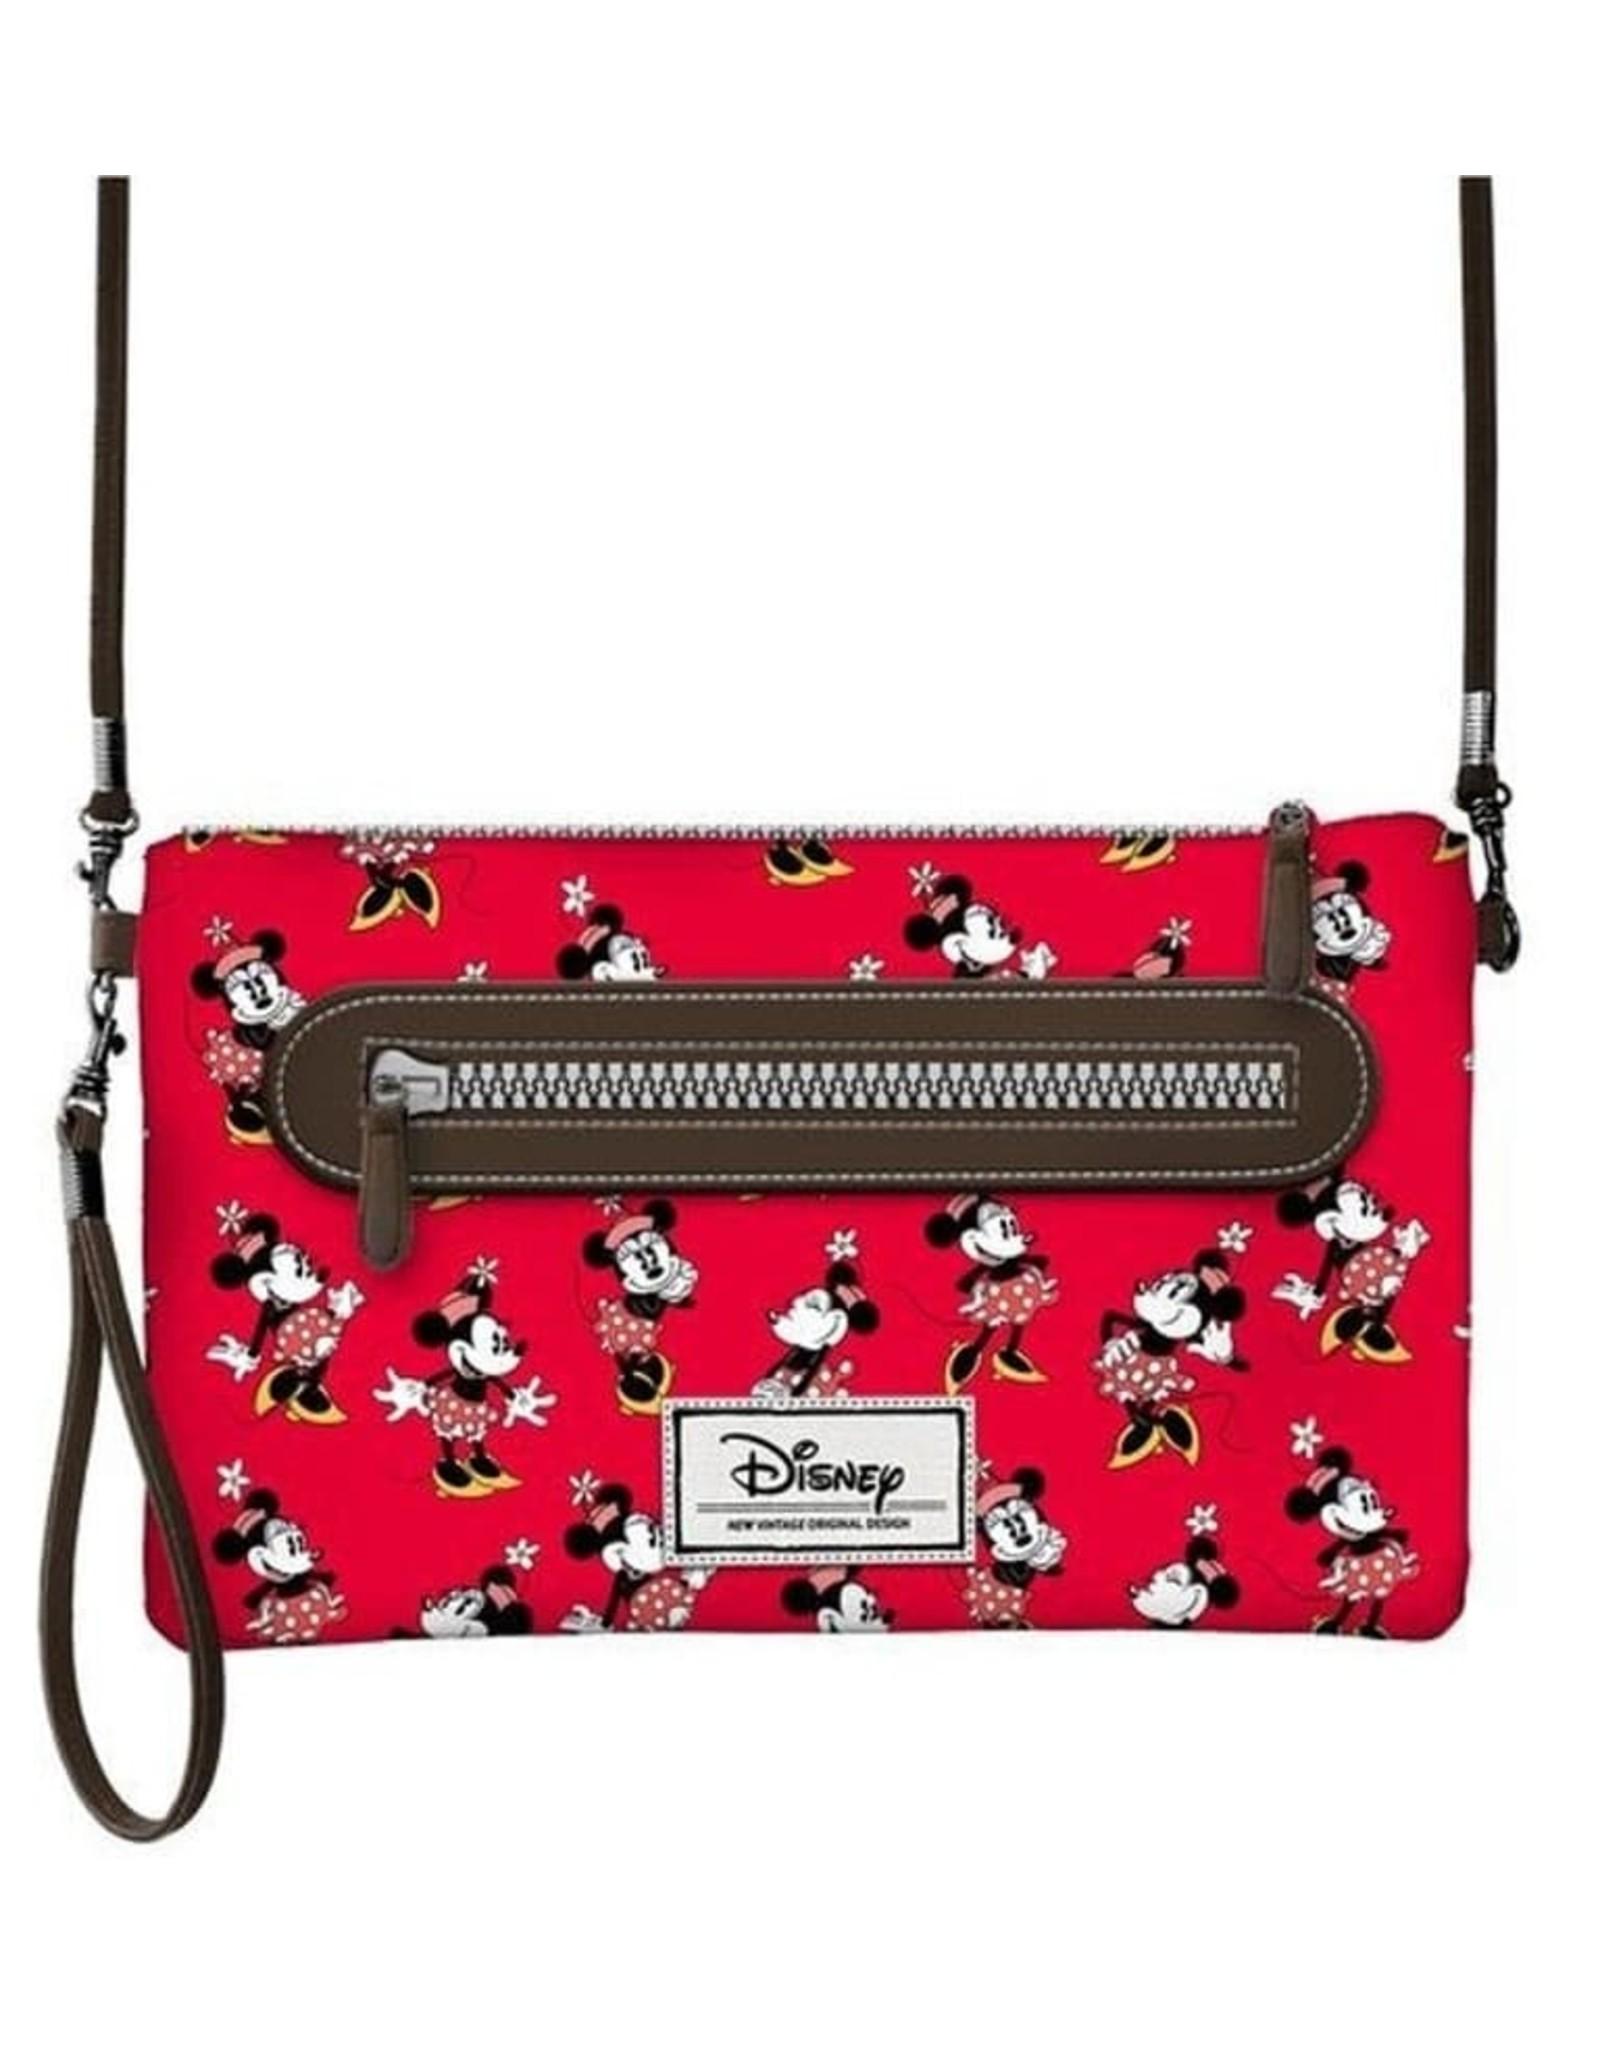 Disney Disney tassen - Disney schoudertas - clutch Minnie Mouse Cheerful